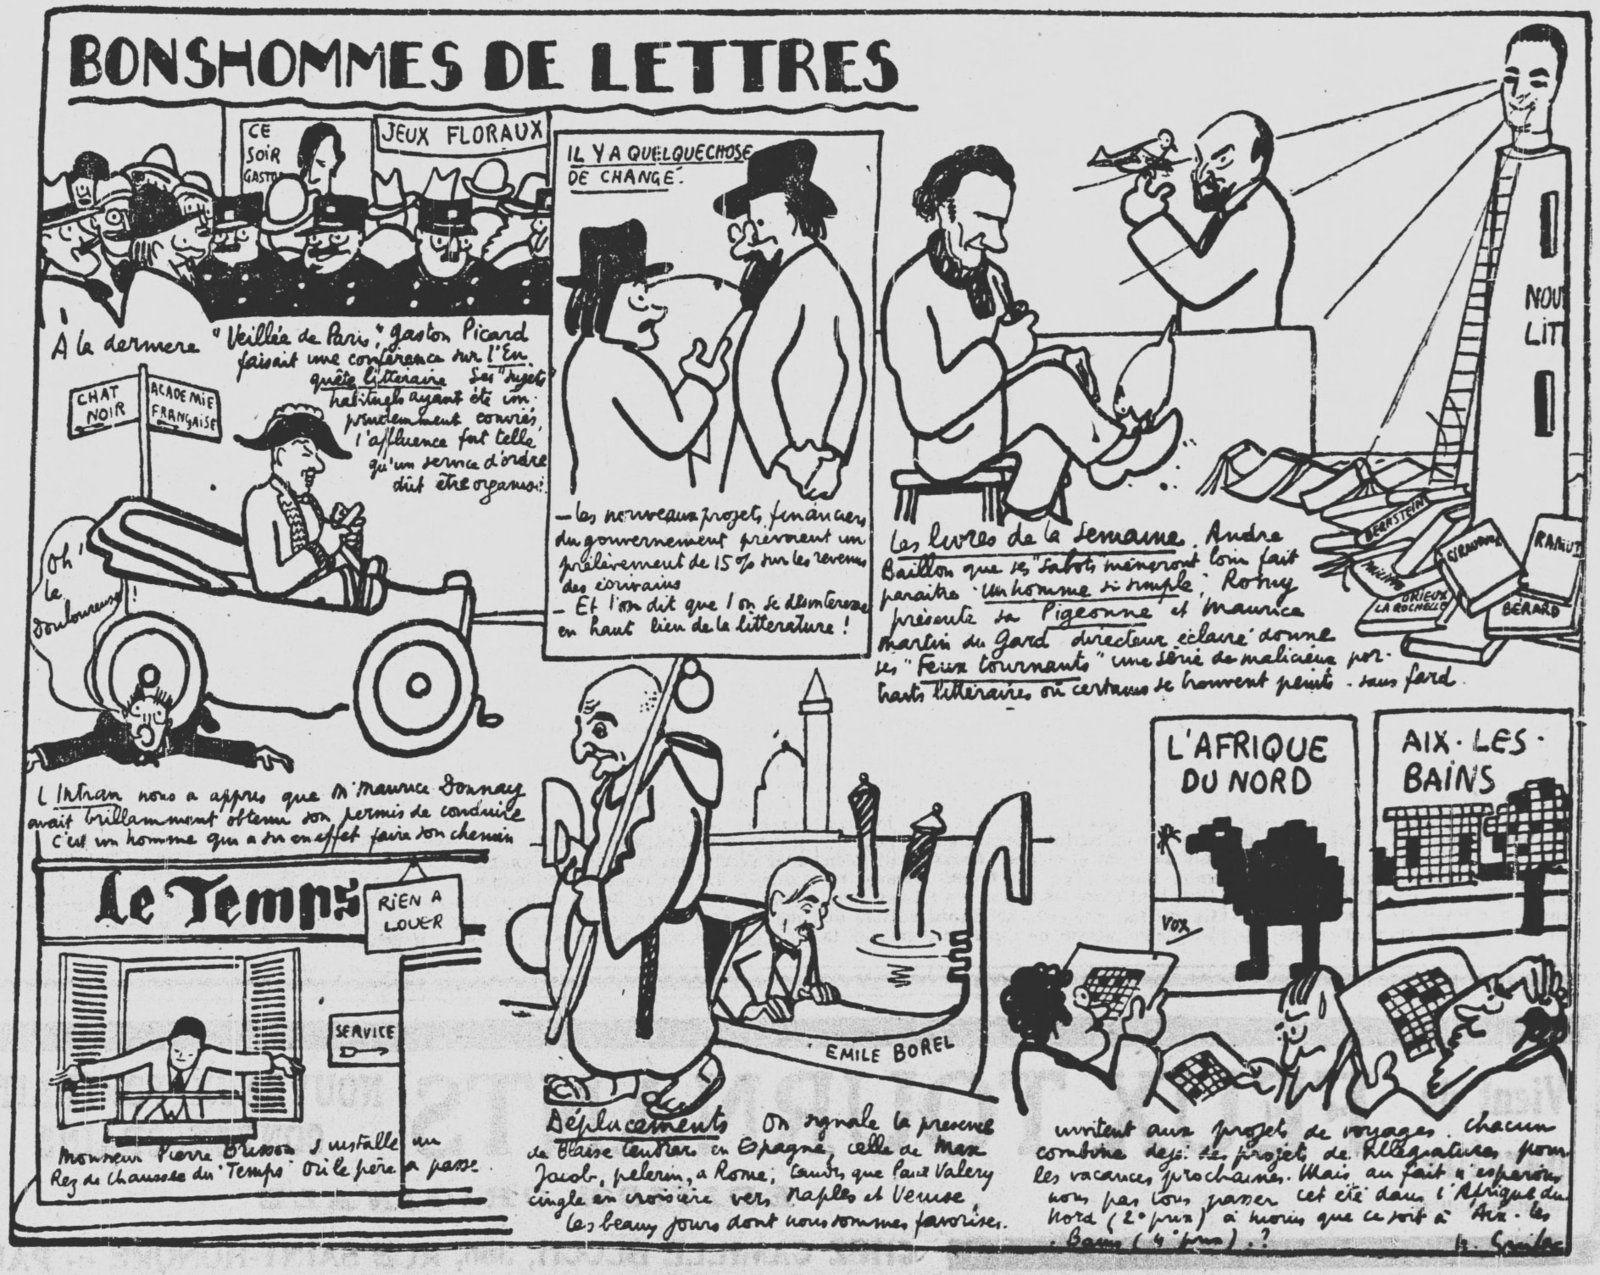 Bonshommes de Lettres, par Guilac in Les Nouvelles littéraires n°138 du 6 juin 1925